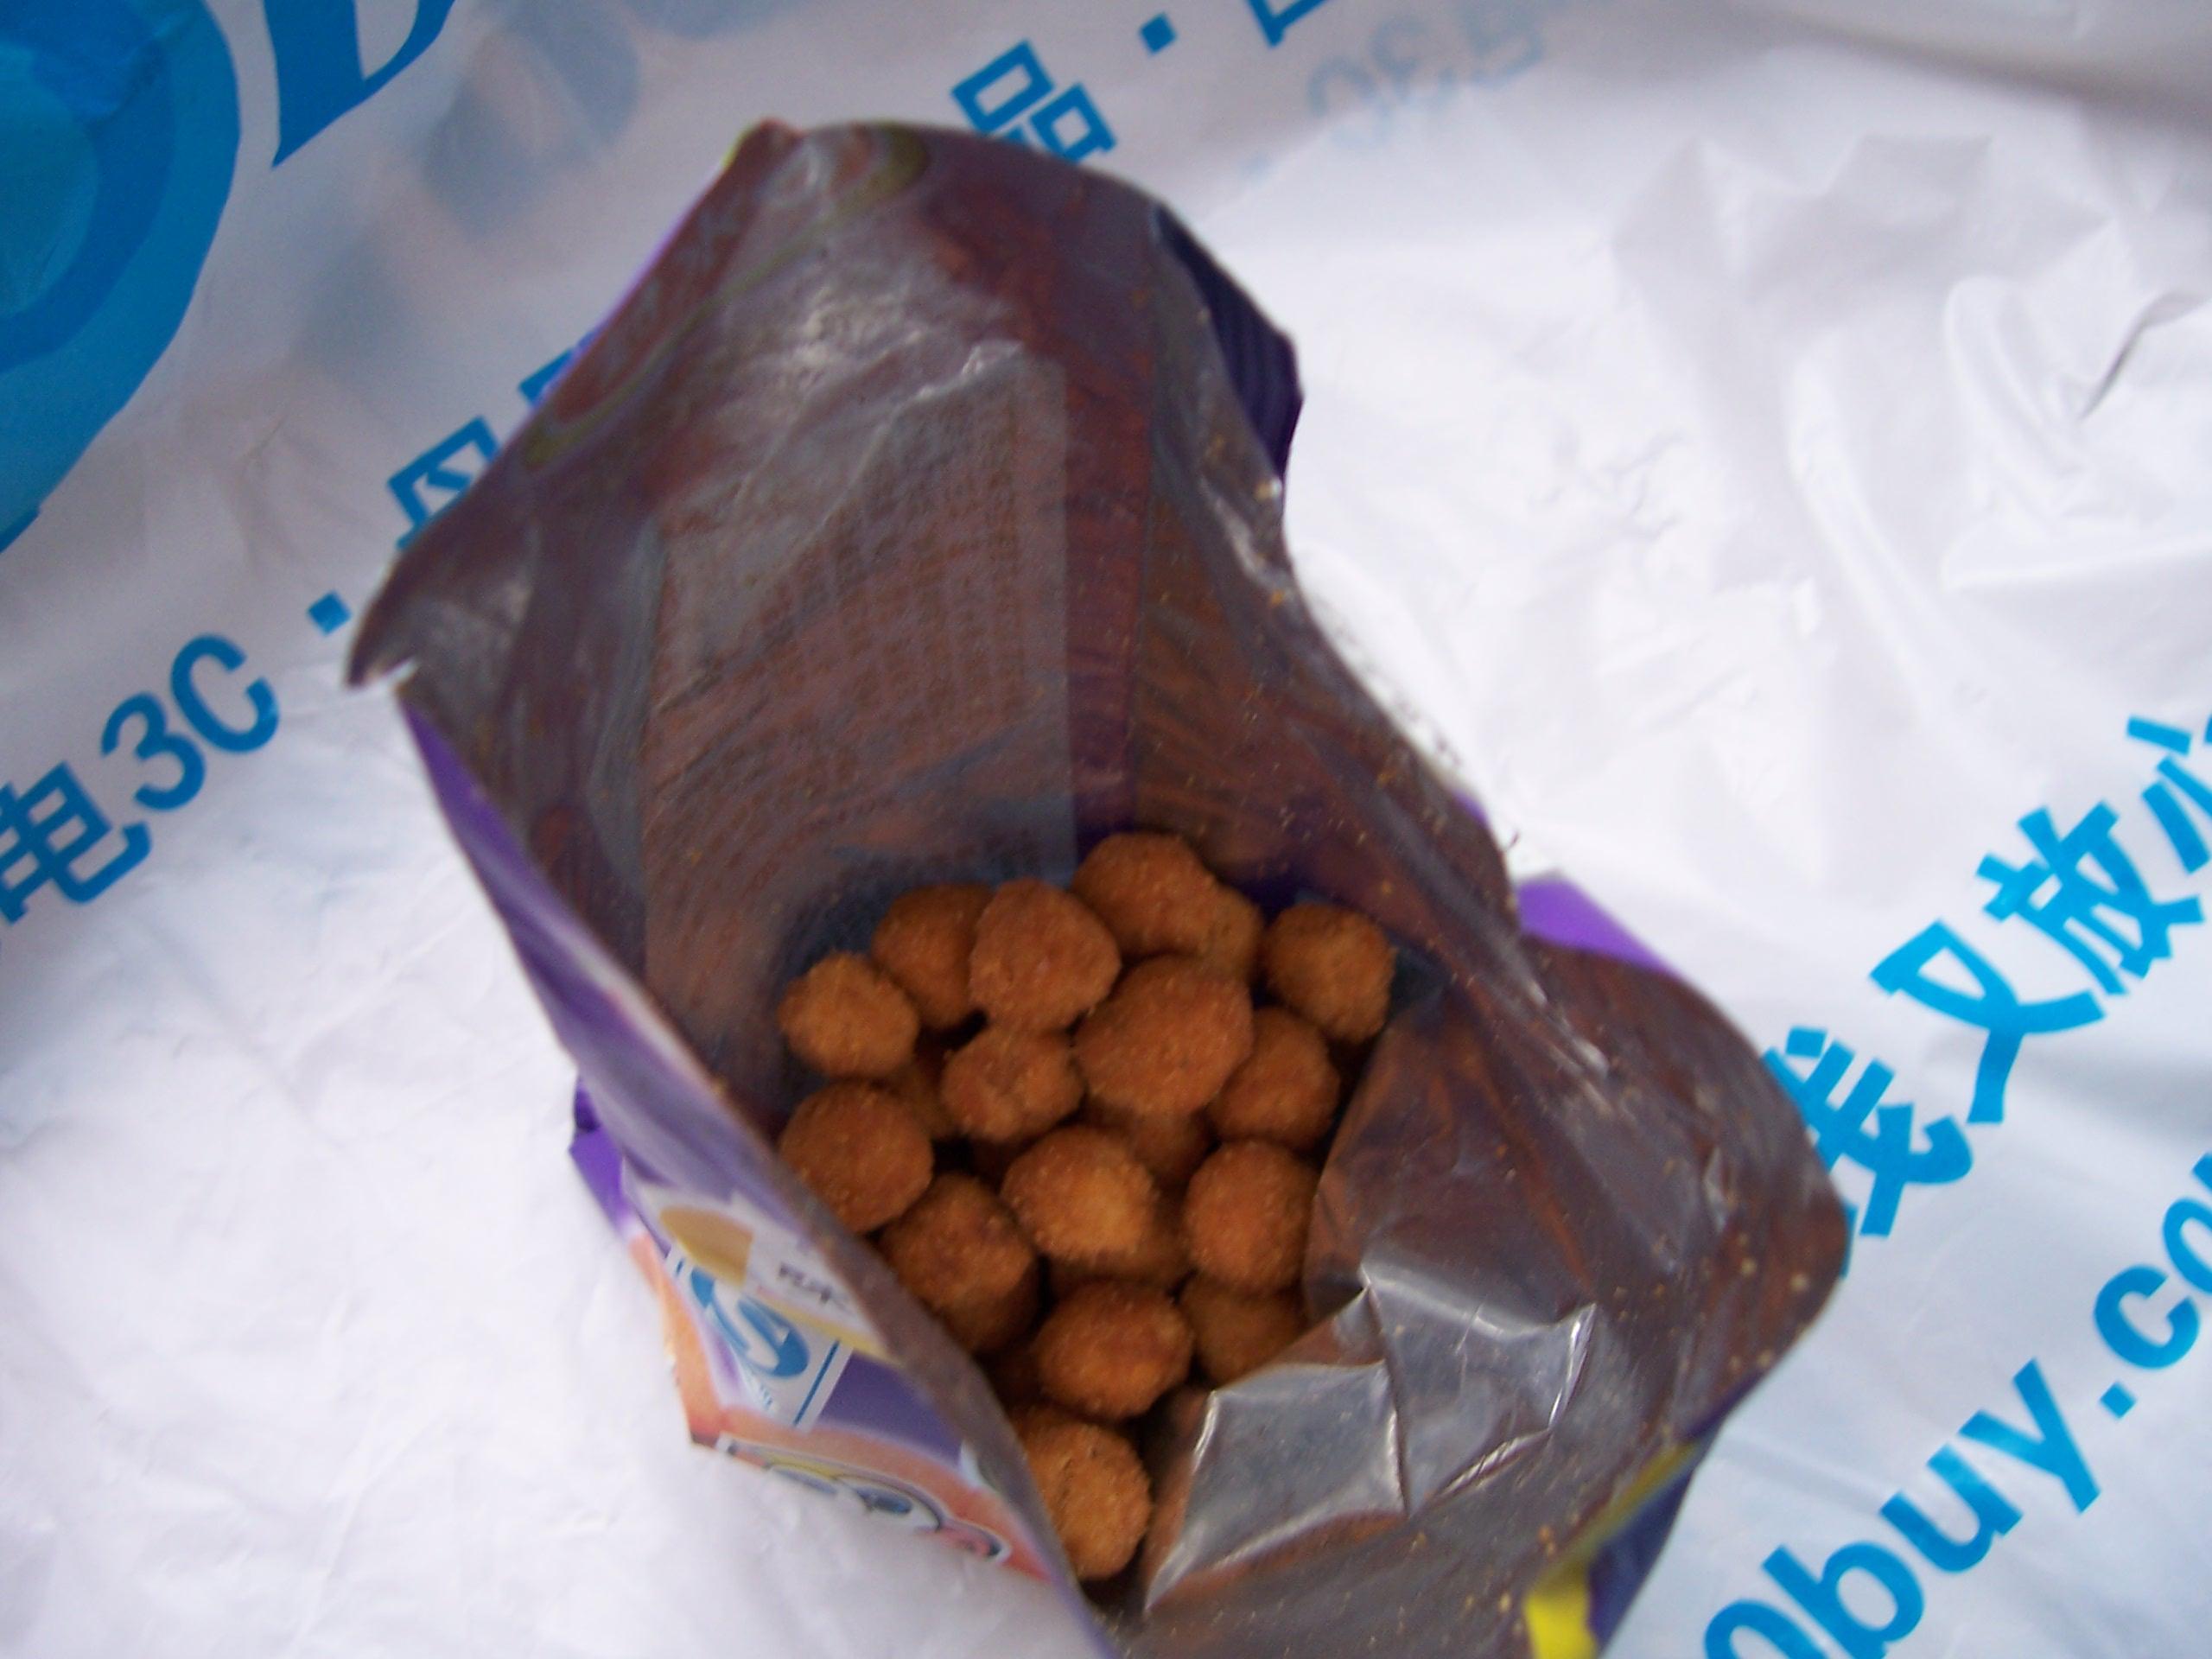 womens jordans for sale cheap 00223880 bags